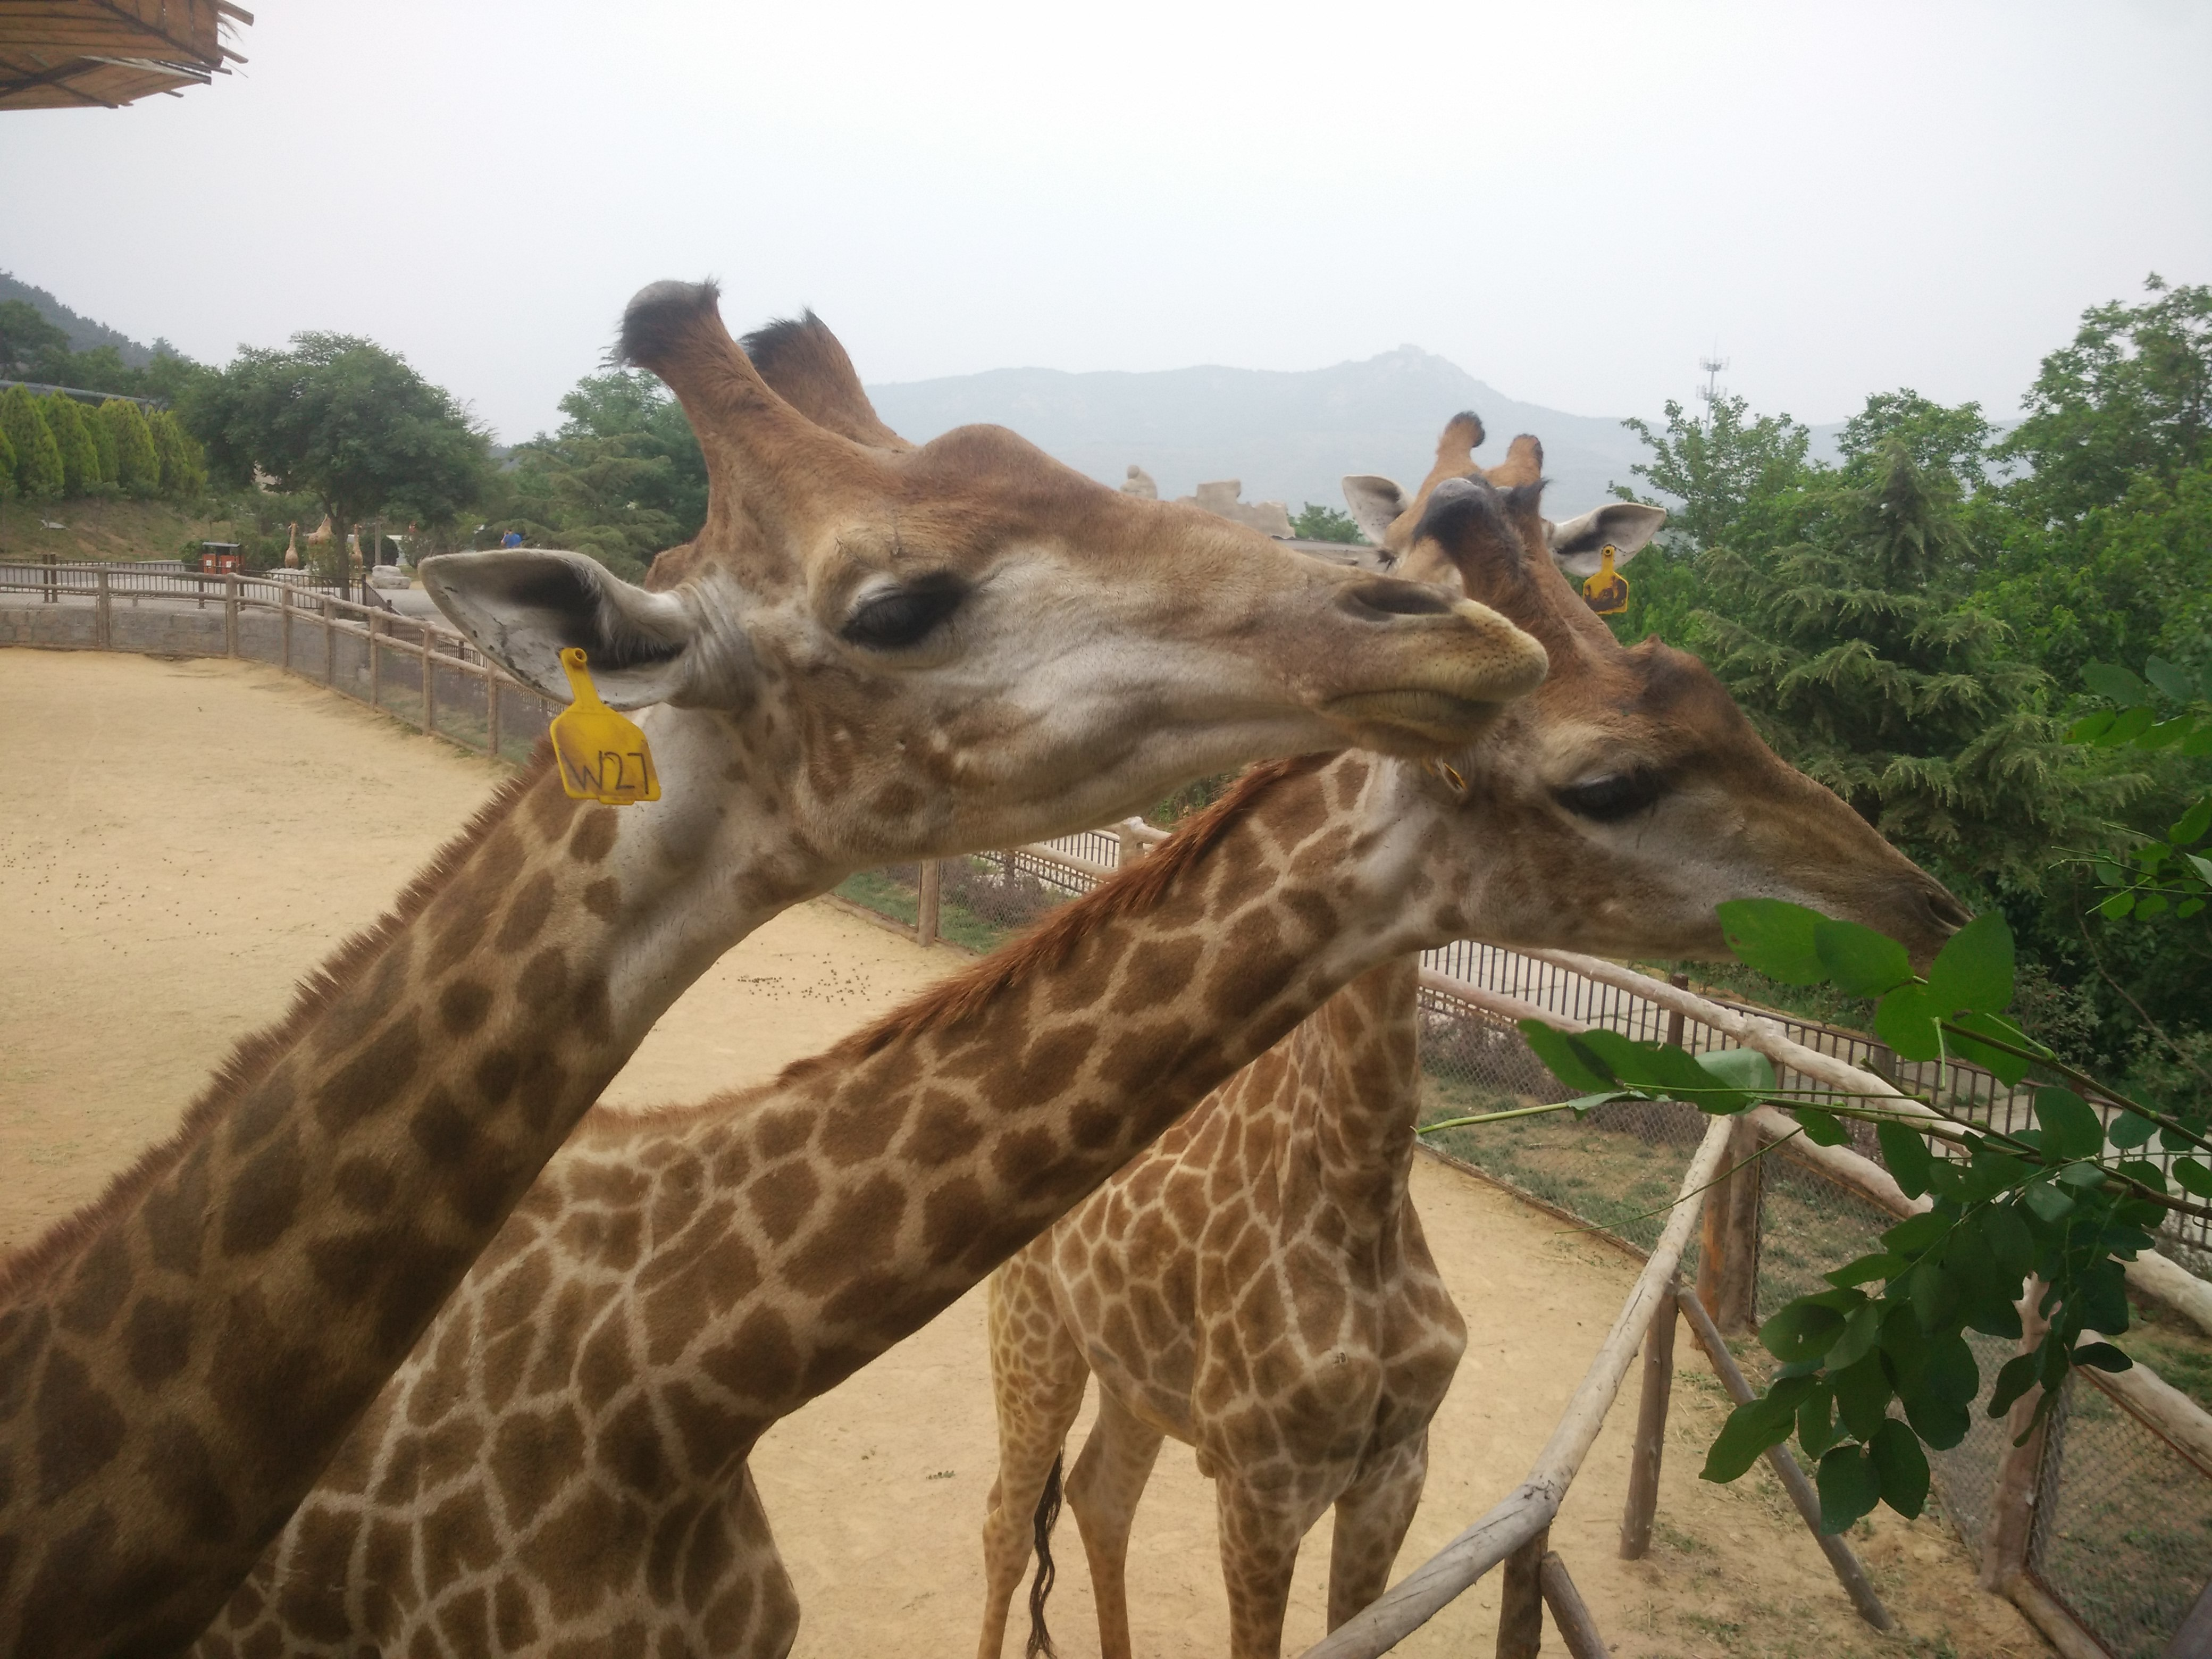 【携程攻略】山东青岛森林野生动物世界好玩吗,山东样